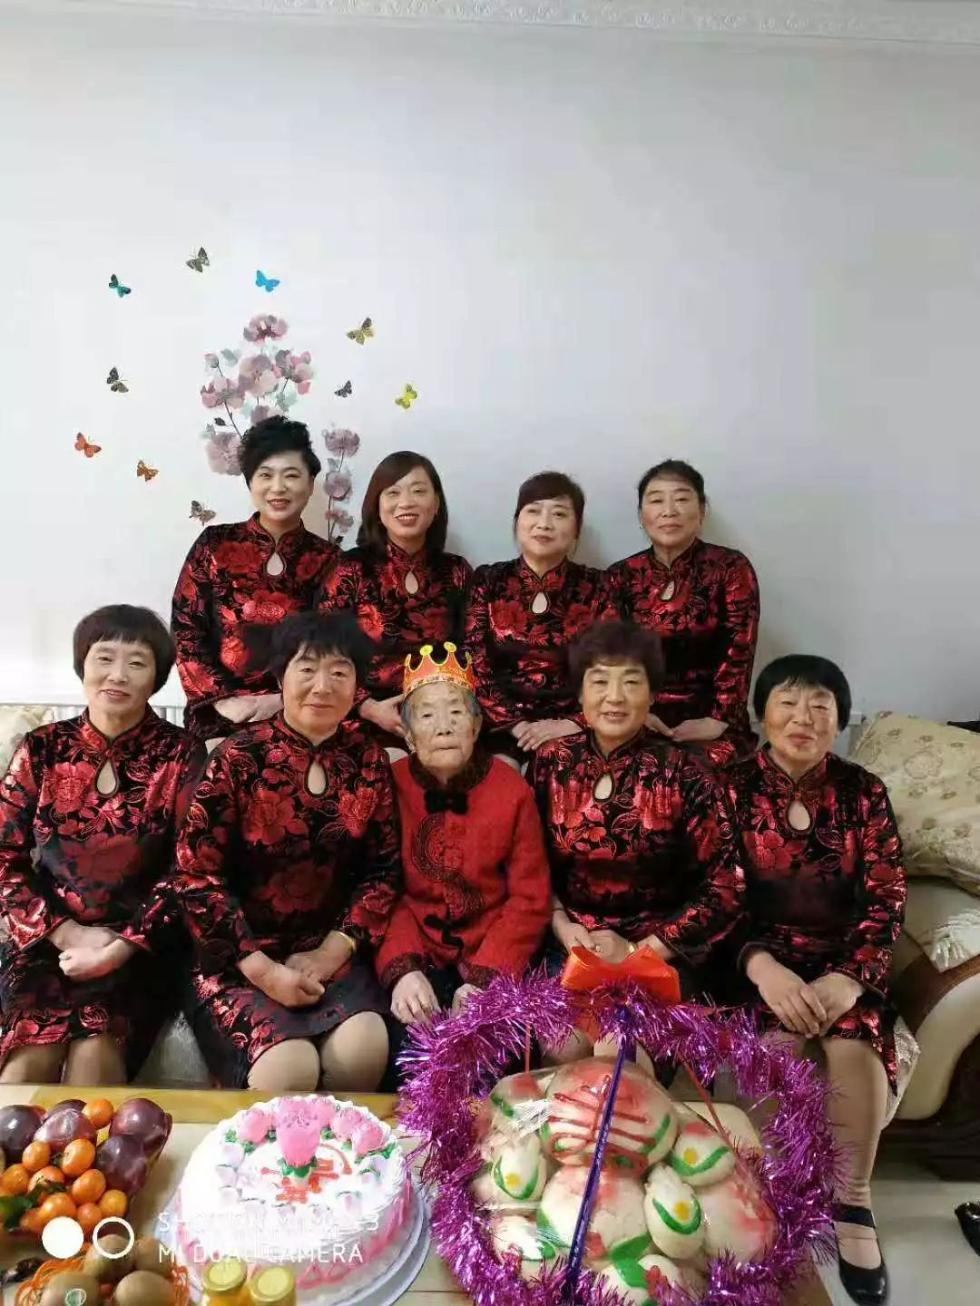 暖哭!88岁老太成网红,8个女儿齐穿红衣给她过生日!